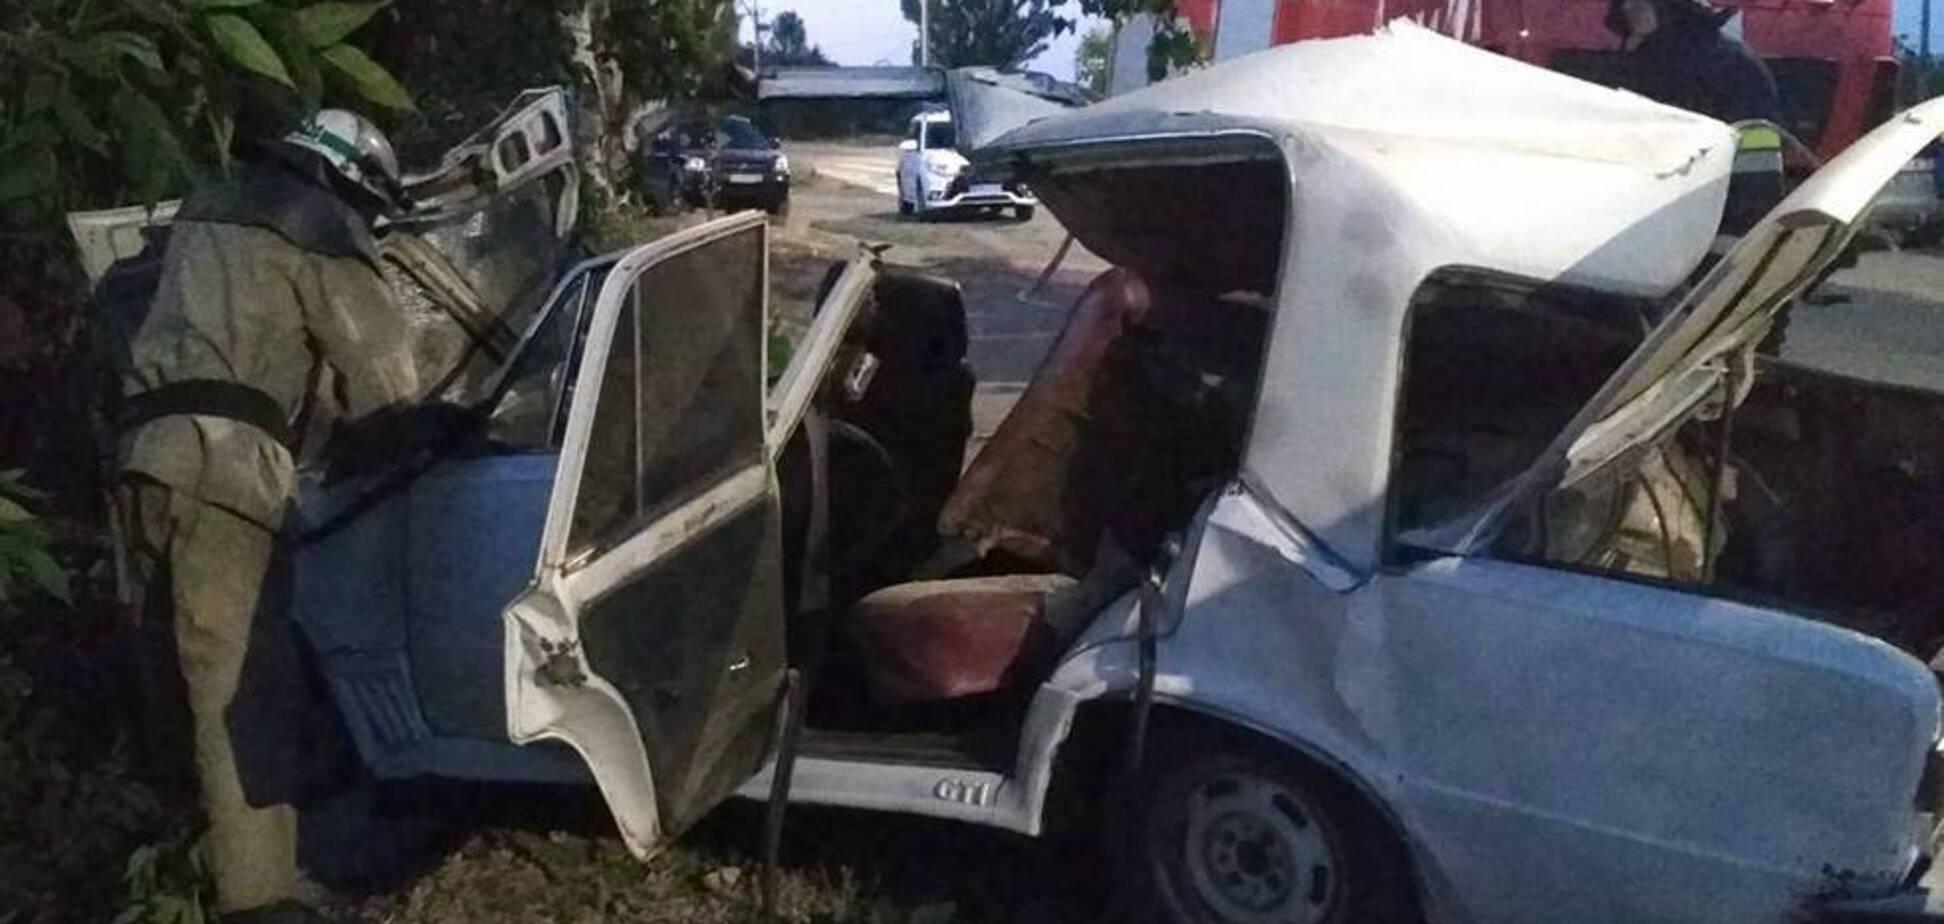 На Дніпропетровщині авто на швидкості розбилося об дерево: є загиблий і потерпілий. Фото